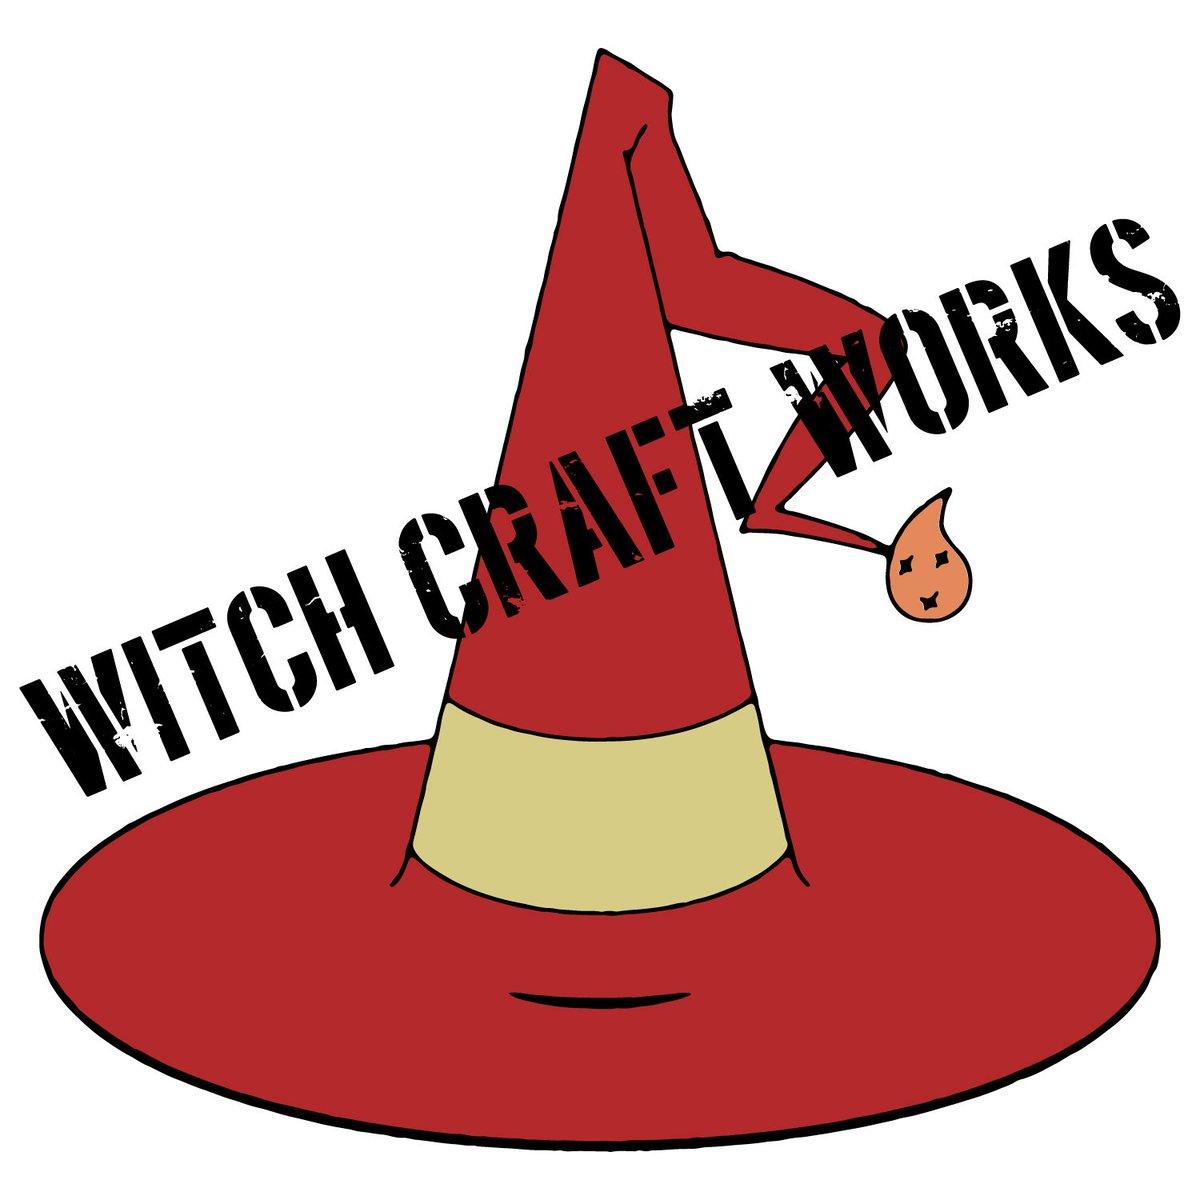 【ウィッチクラフトワークス】「Witch Craft Works THE BEST ~日本語盤~」本日より配信開始!詳細